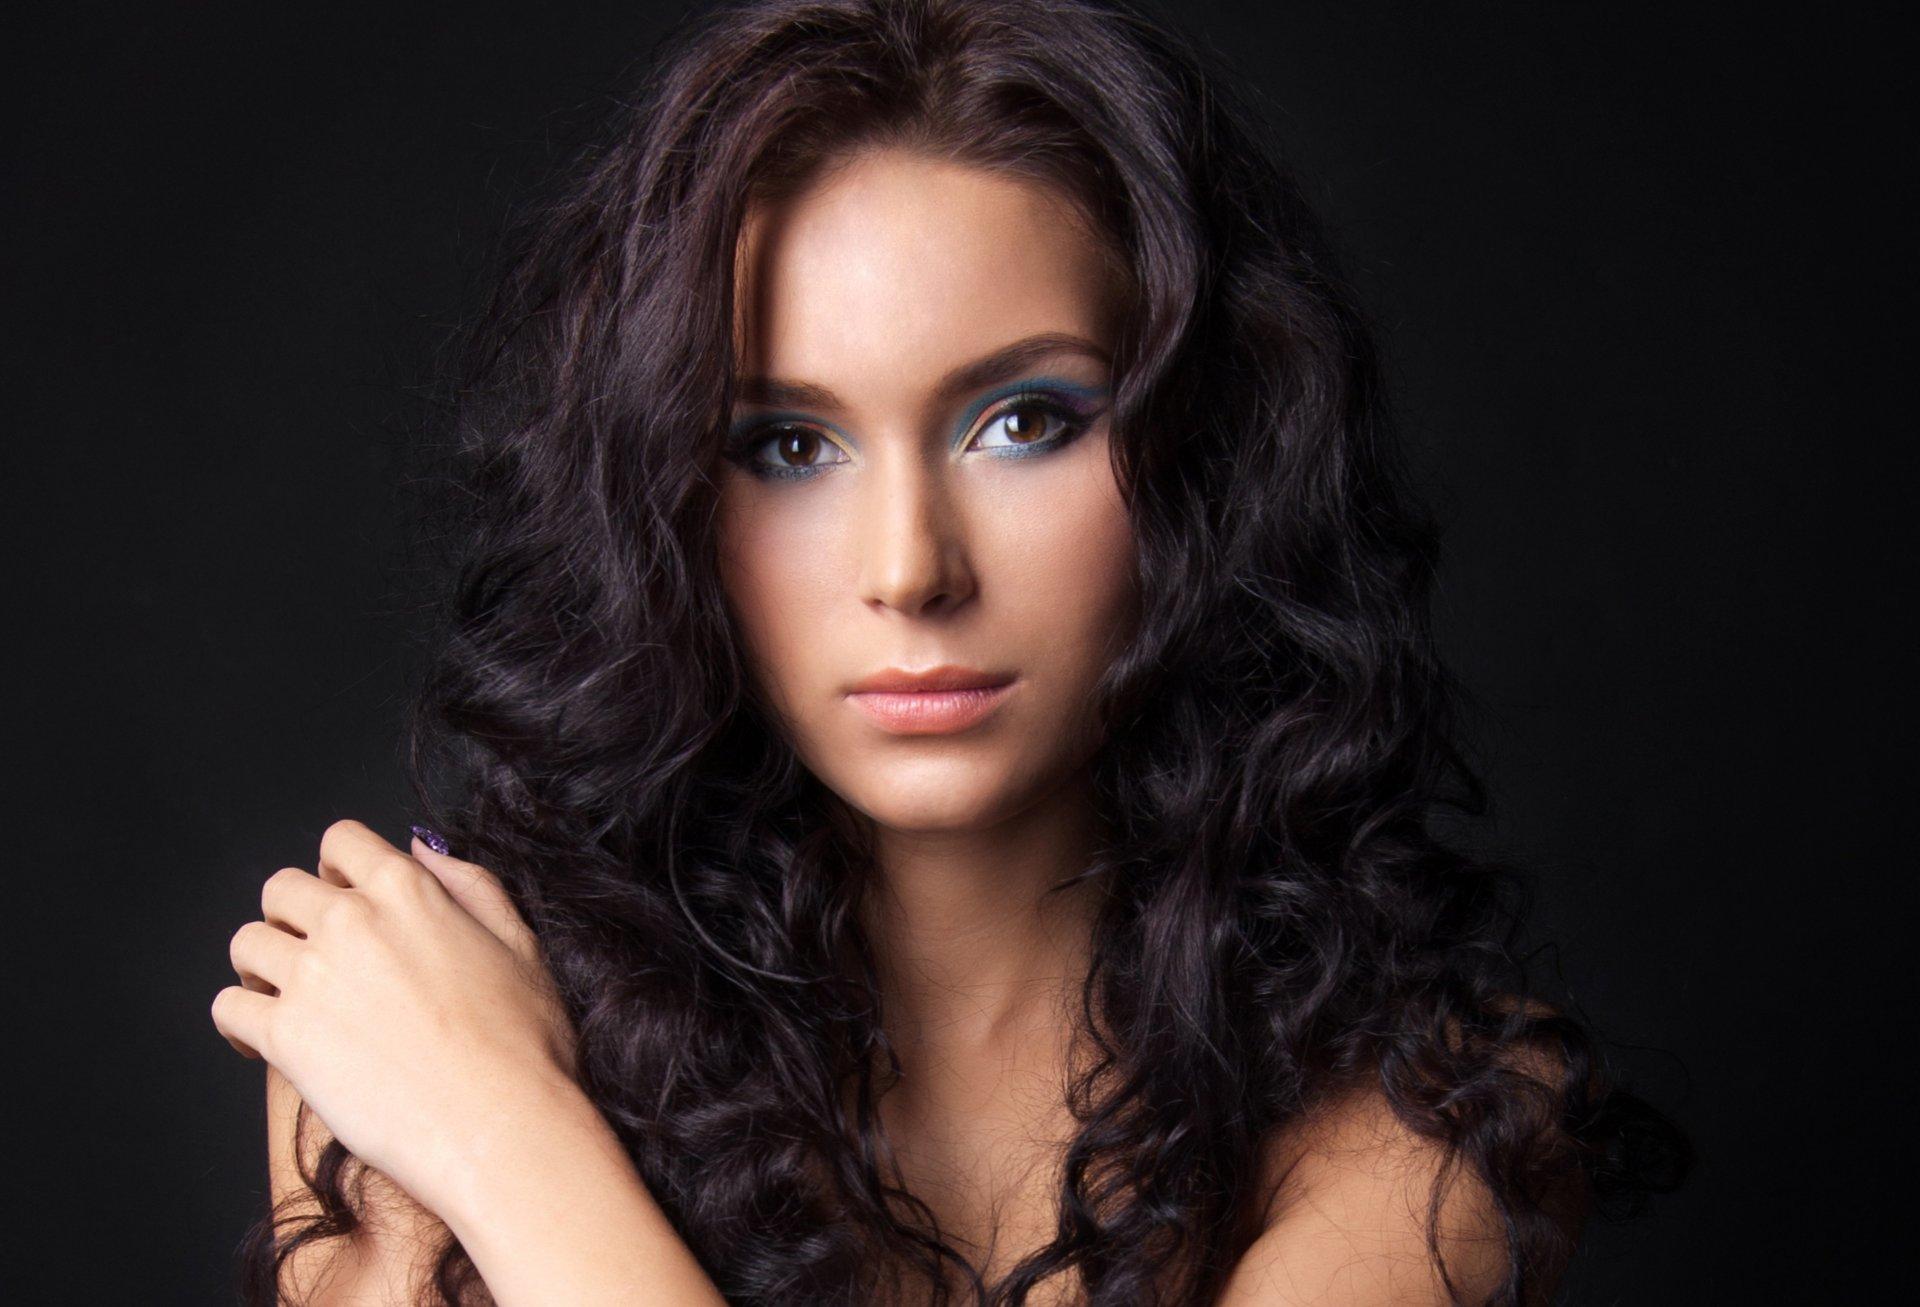 Девушки Брюнетки С Длинными Волосами